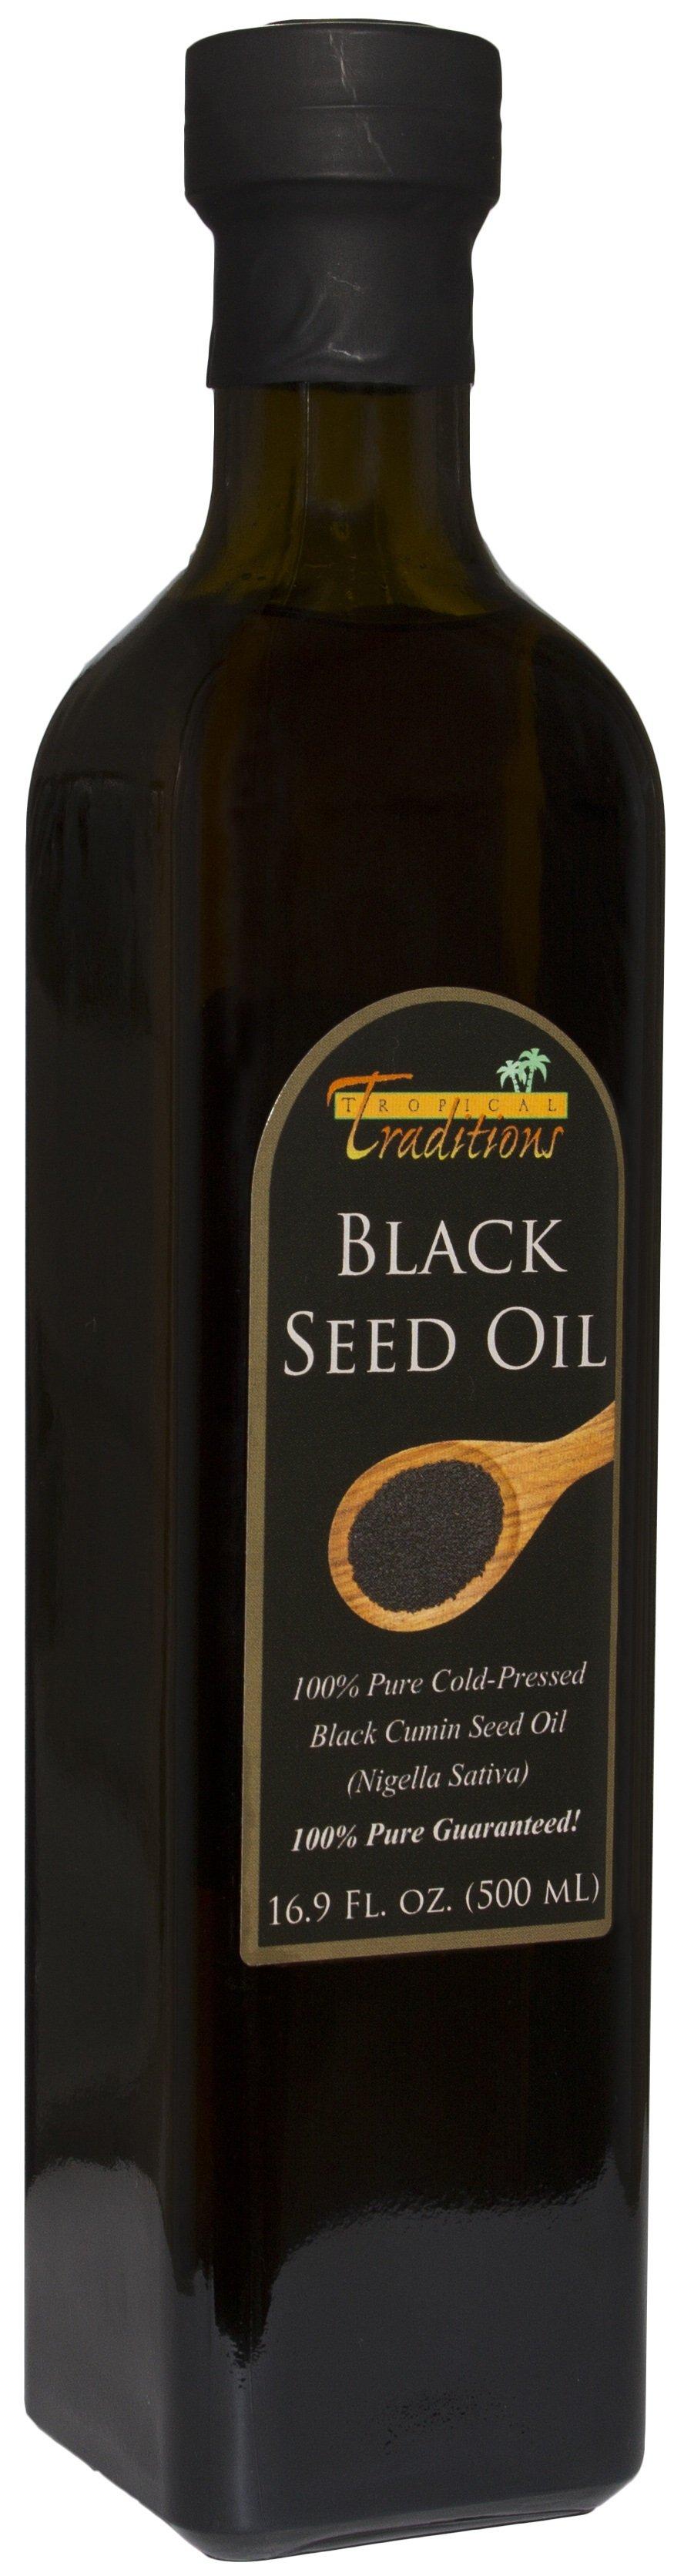 black_seed_oil-lg